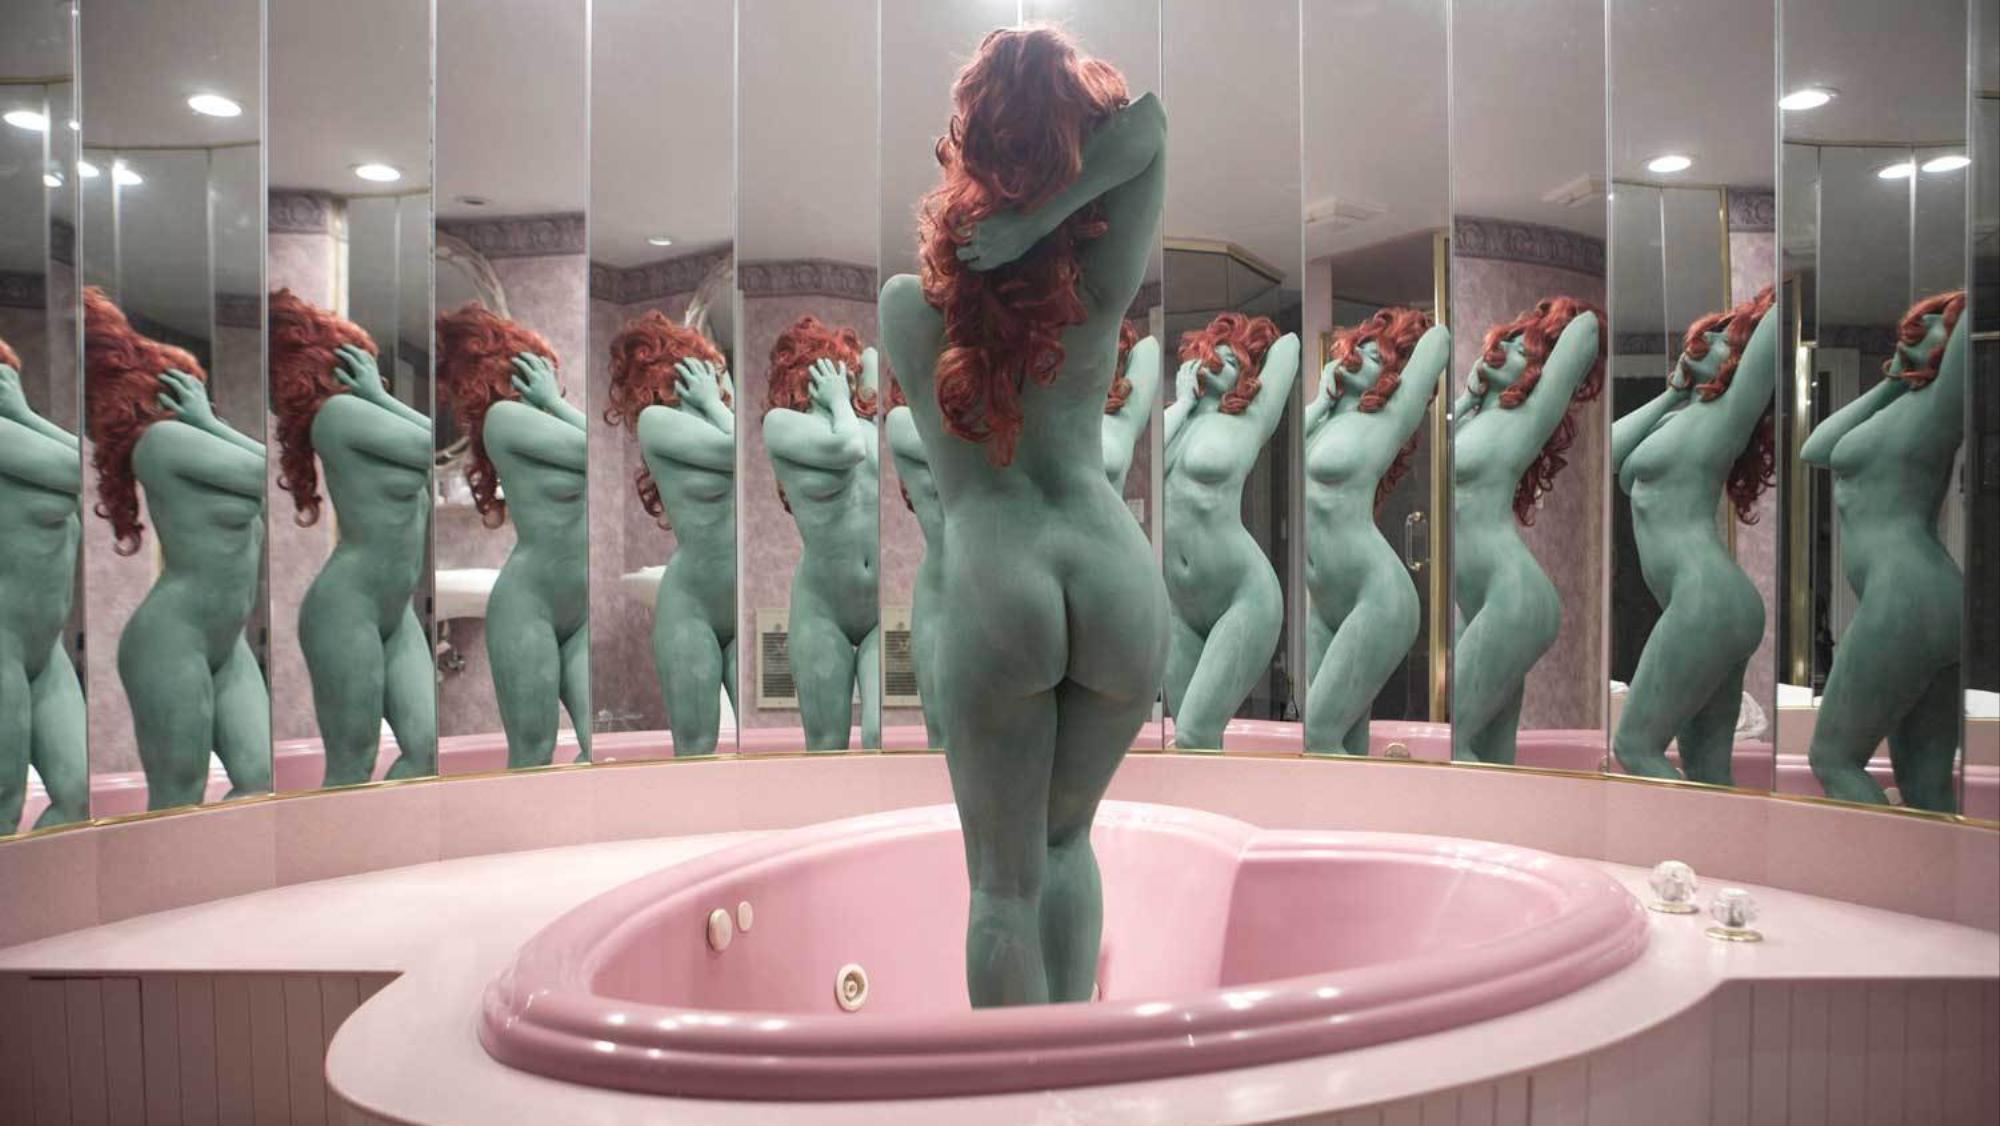 Hidden bathroom door - June Calypso S Photographs Explore Beauty Rituals Behind Bathroom